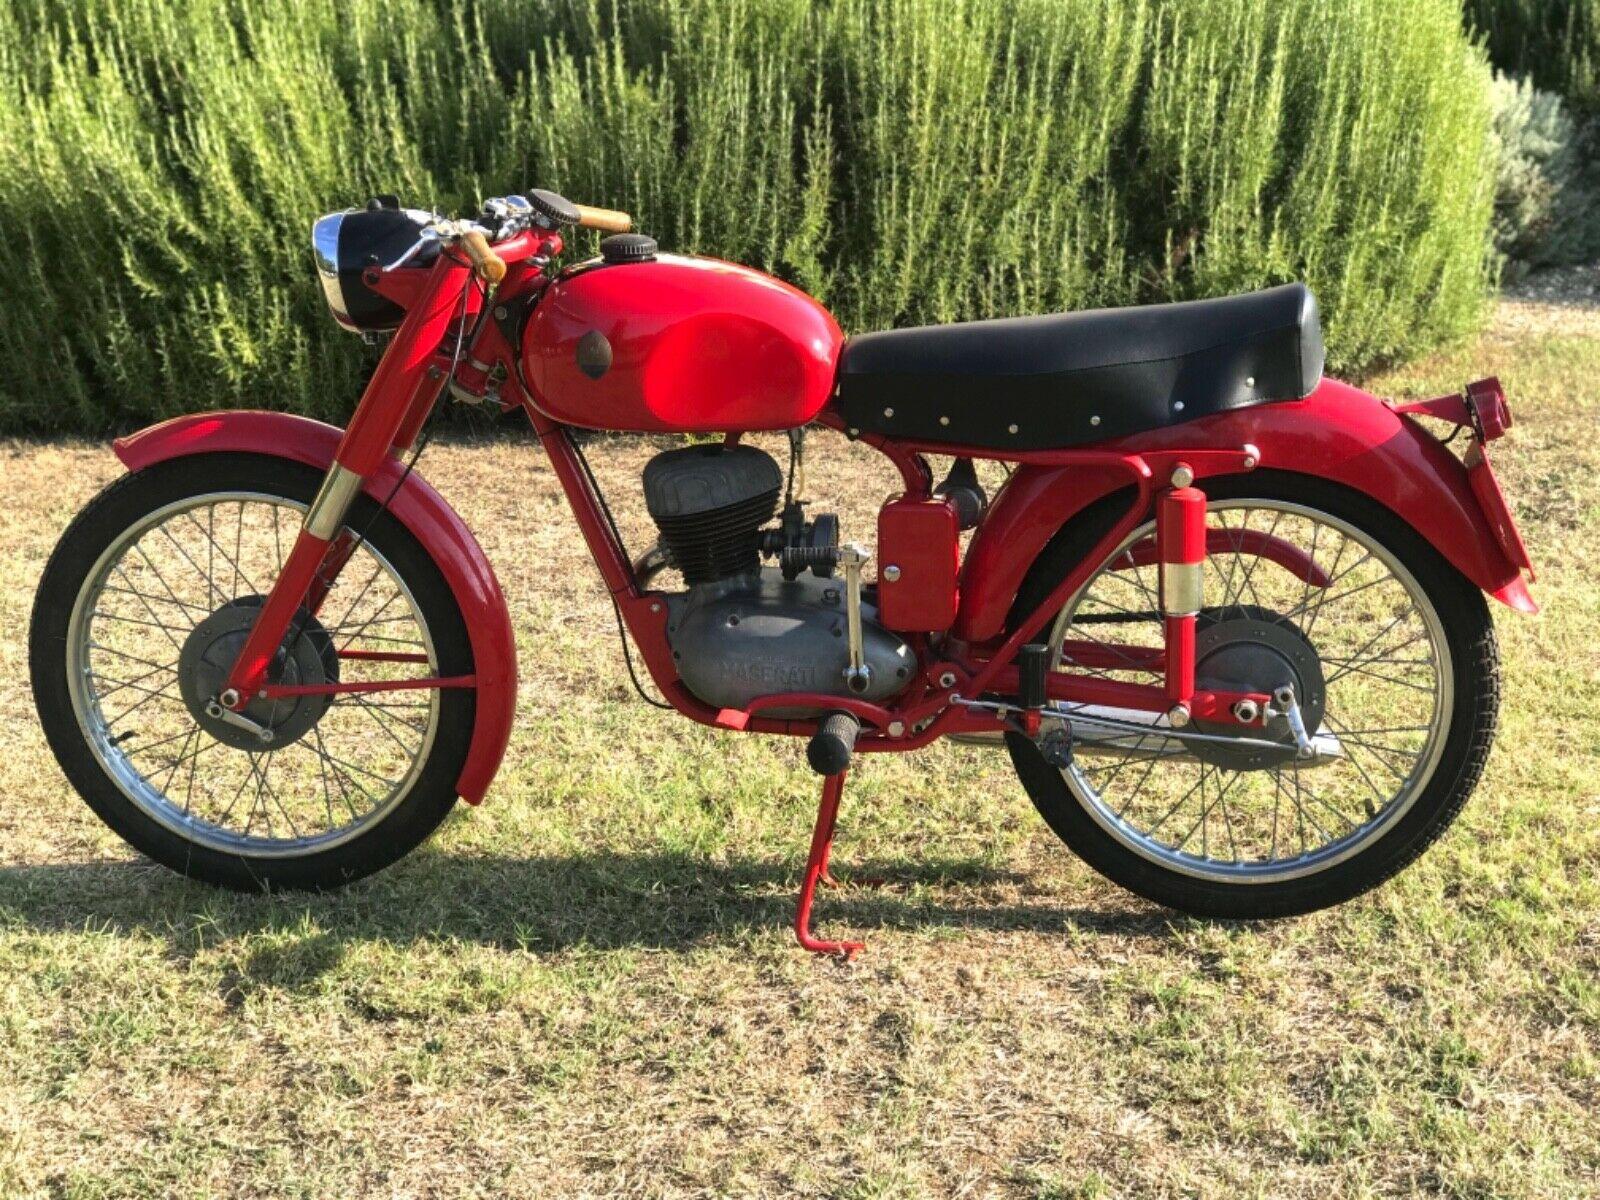 MASERATI L125 T2 Turismo Lusso 1956